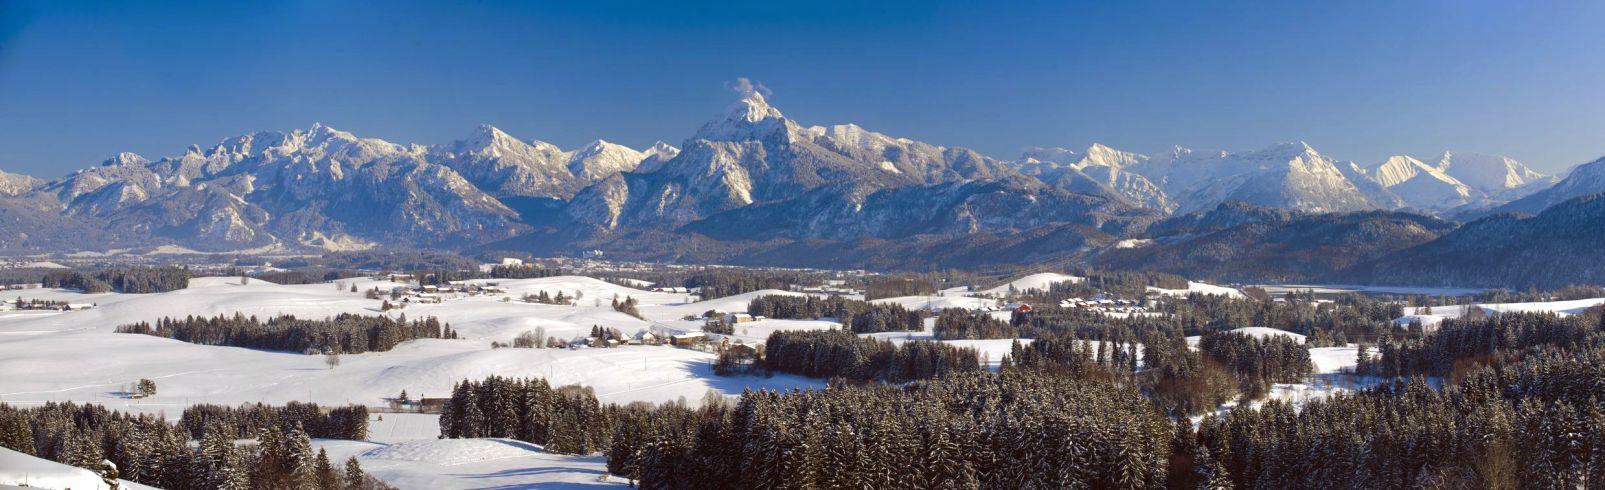 Vistas de los Alpes en el bosque bávaro, El Parque Nacional del Bosque Bávaro, Los paisajes, Alemania